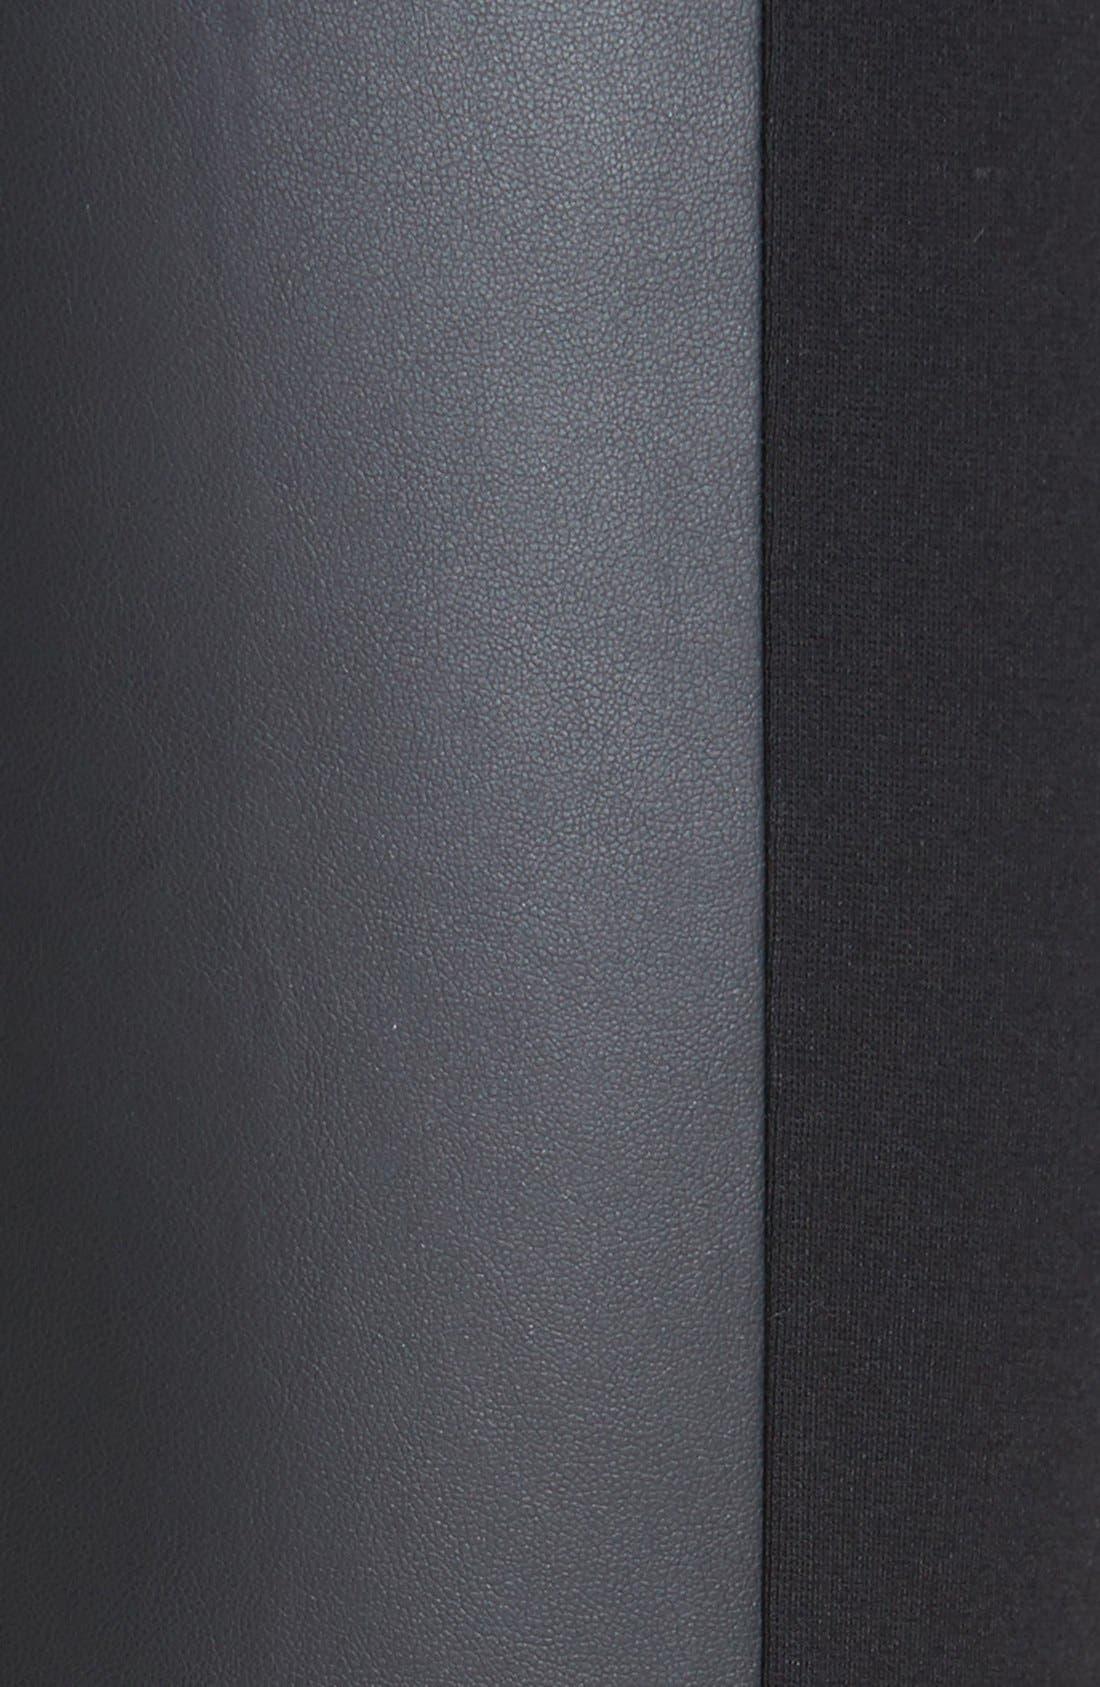 Faux Leather Trim Leggings,                             Alternate thumbnail 2, color,                             001